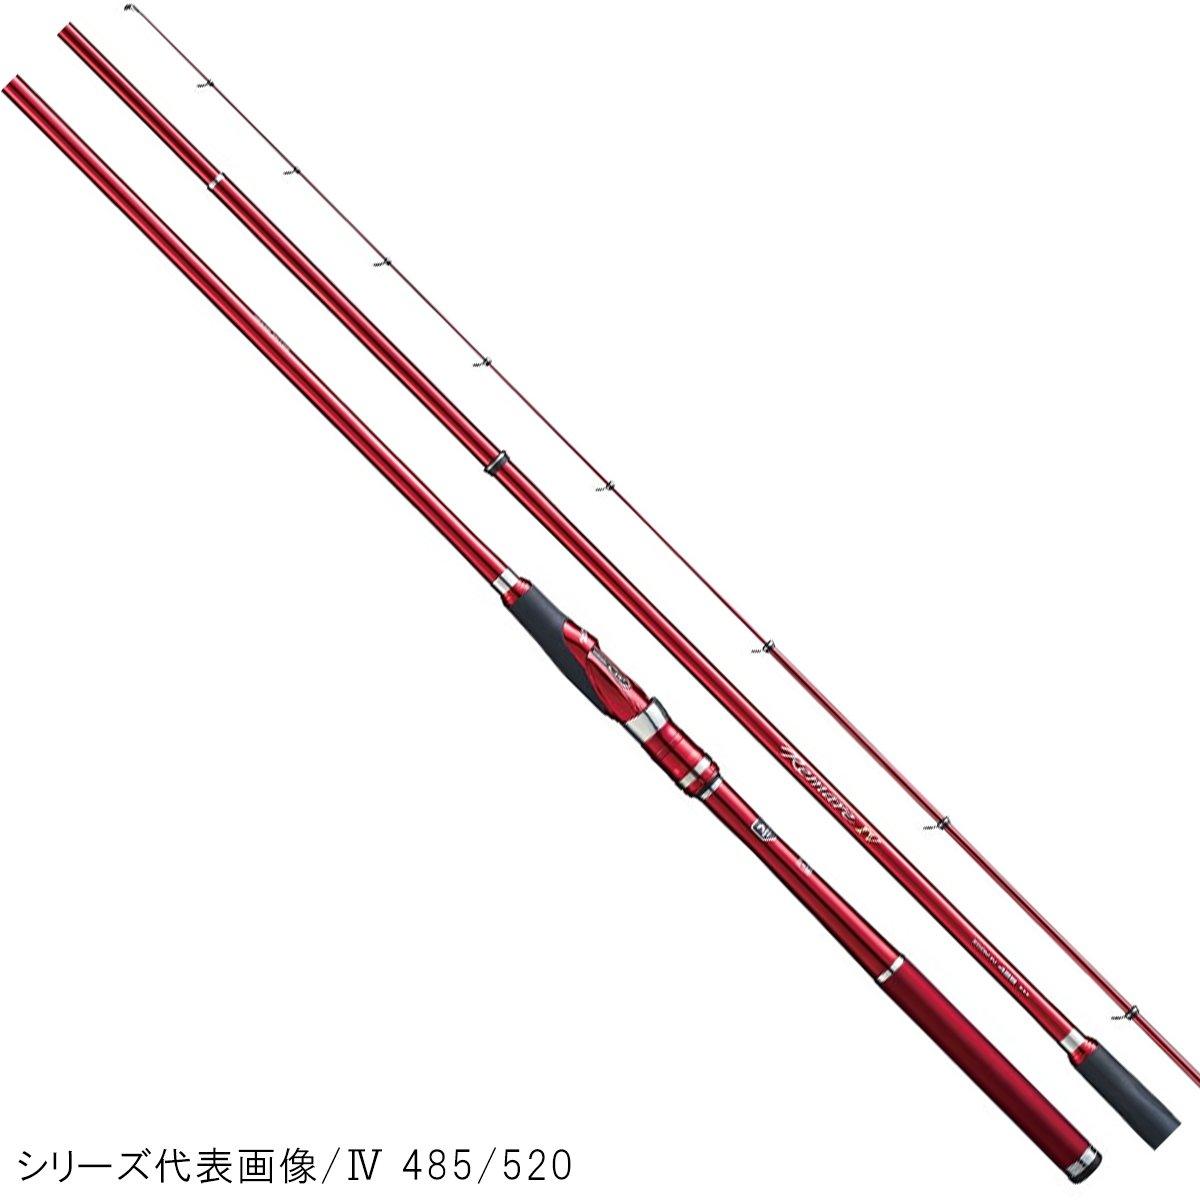 SHIMANO(シマノ) 17レマーレ V 485/520   B01N5TELOG